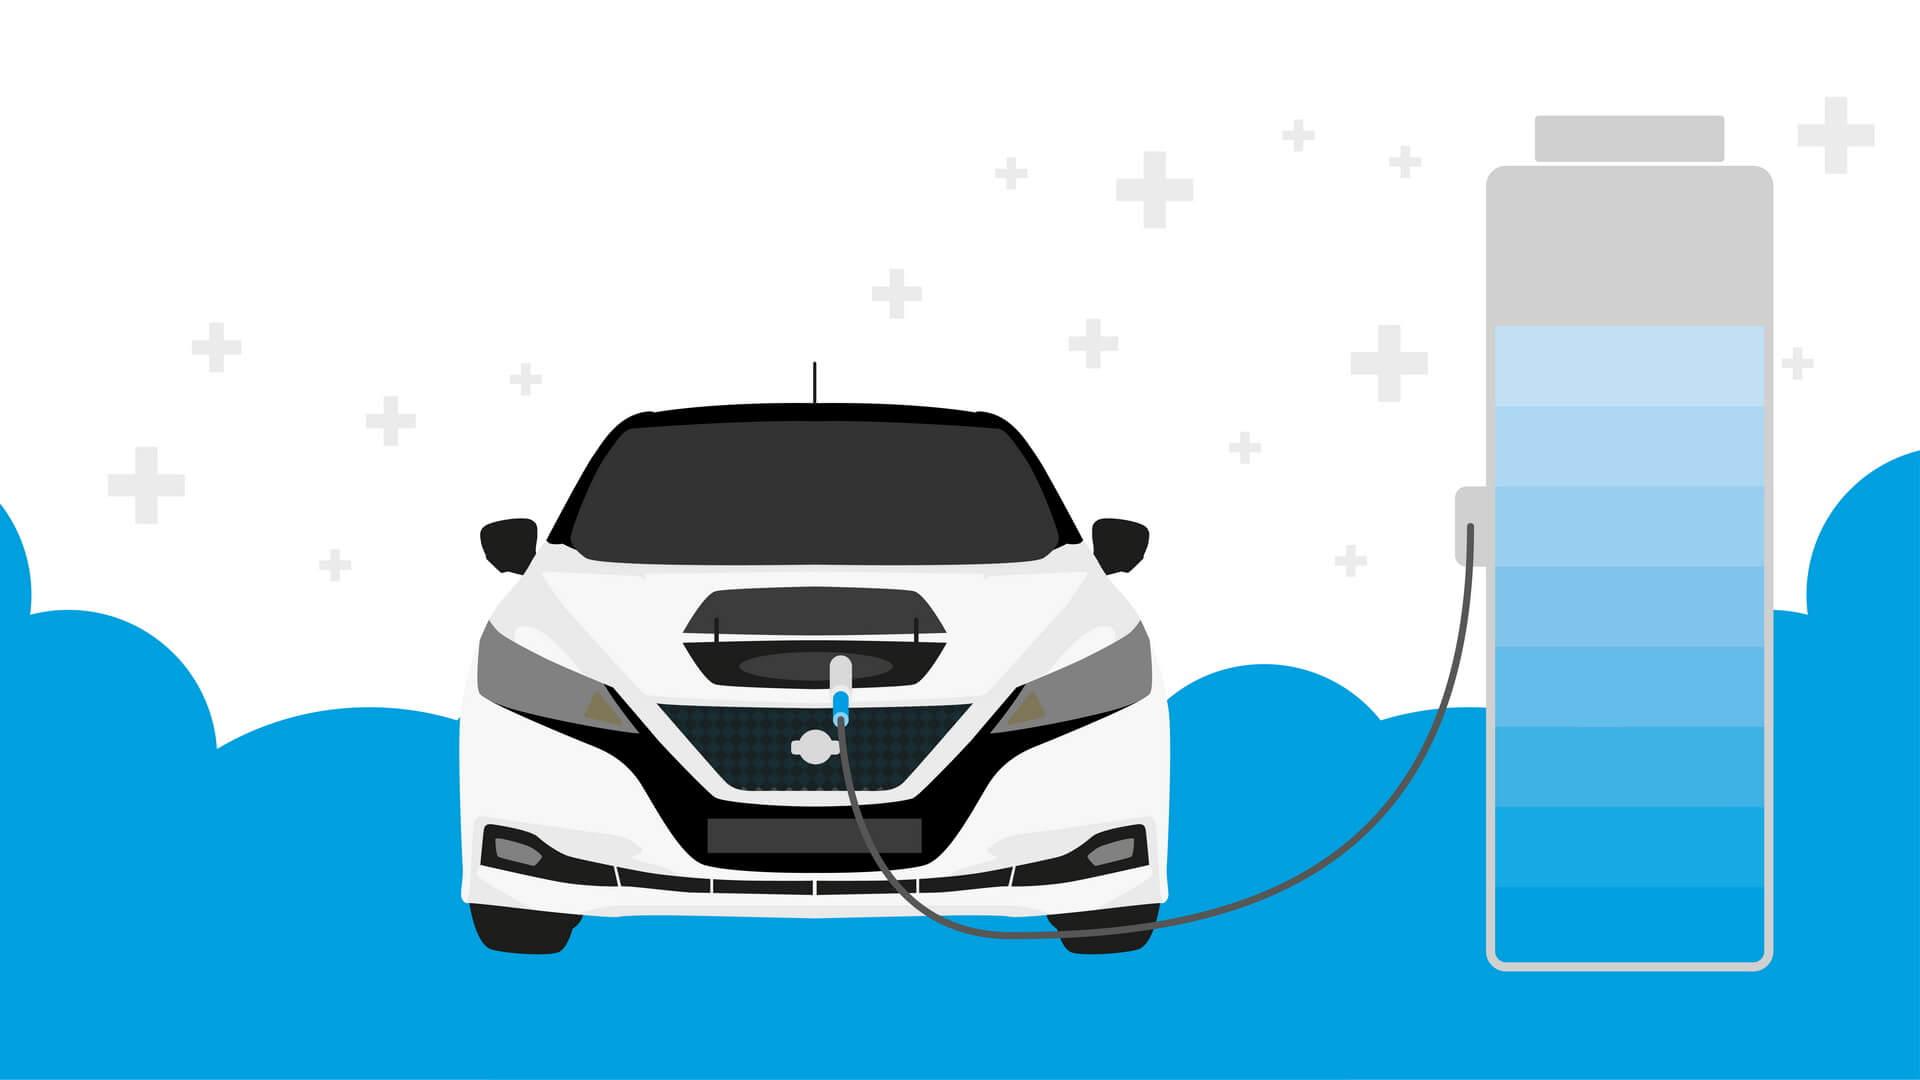 На заряжайте электромобиль до полной емкости батареи без необходимости